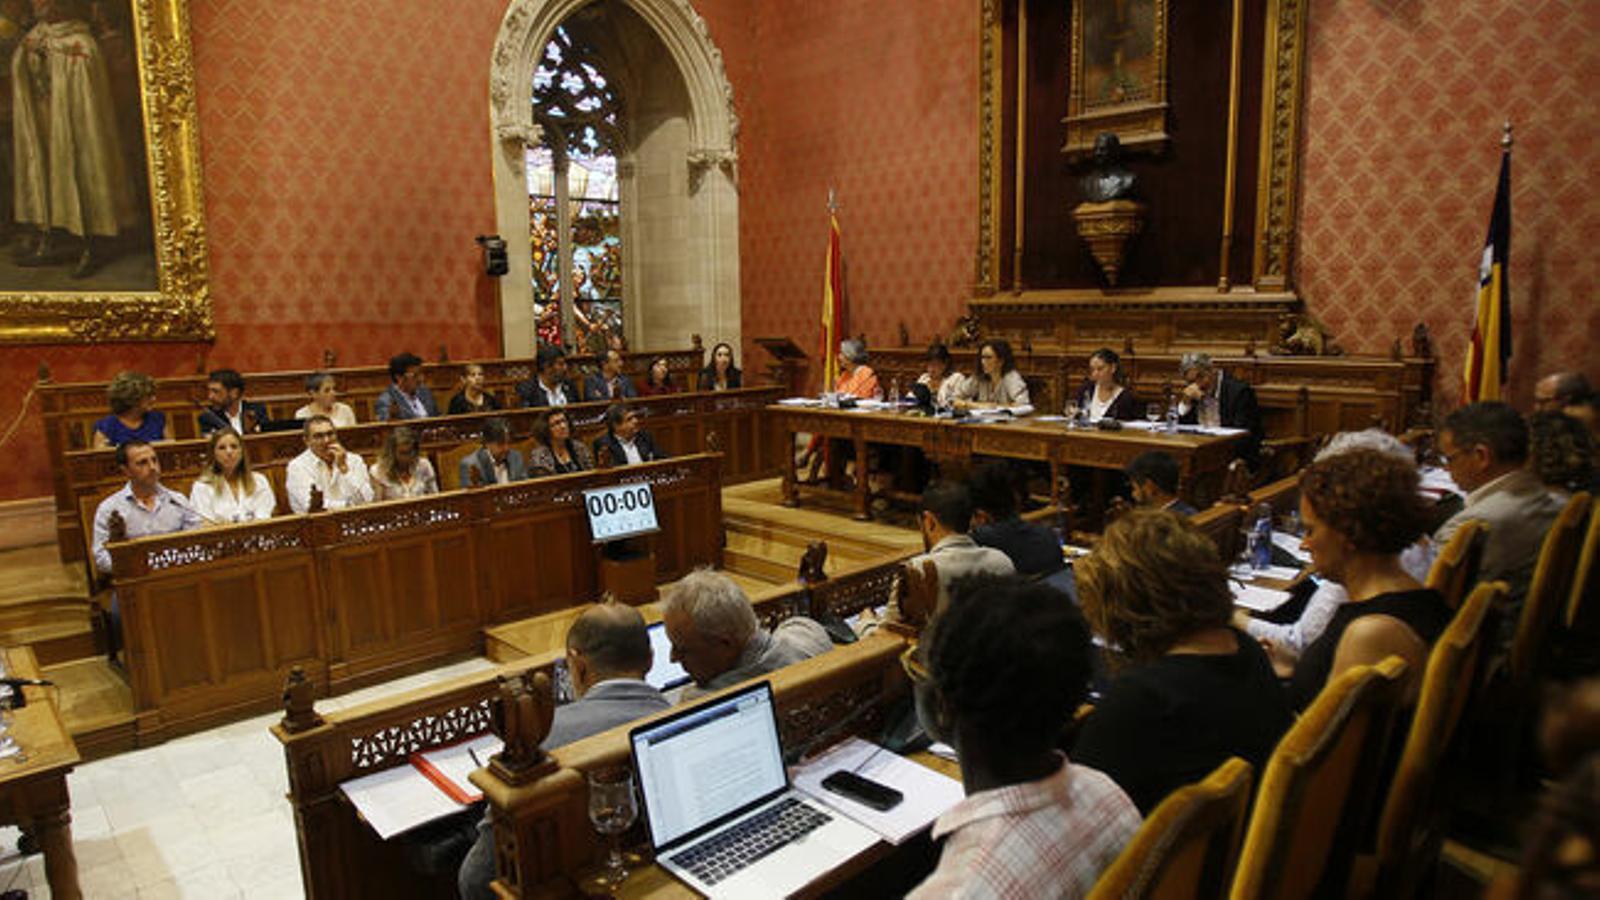 Una sessió plenària al Consell de Mallorca / ISAAC BUJ